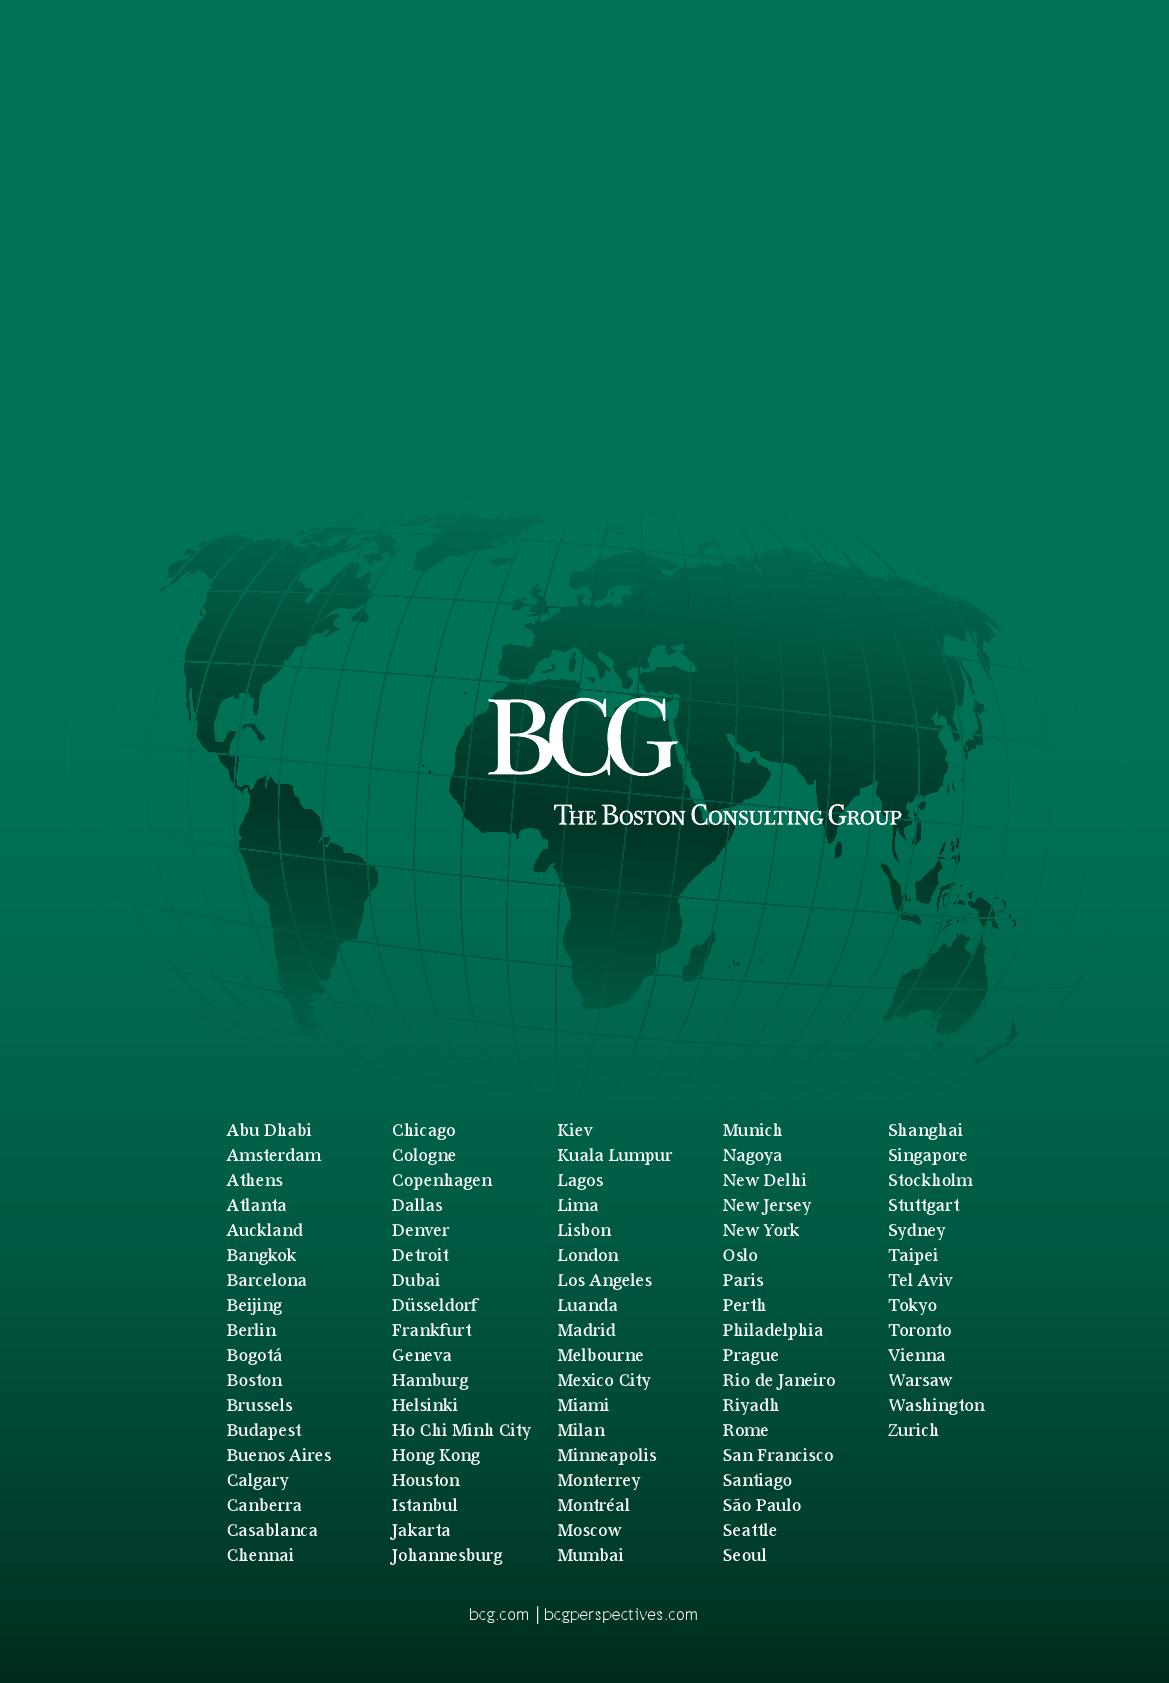 波士顿咨询:全球财富报告2016_000031